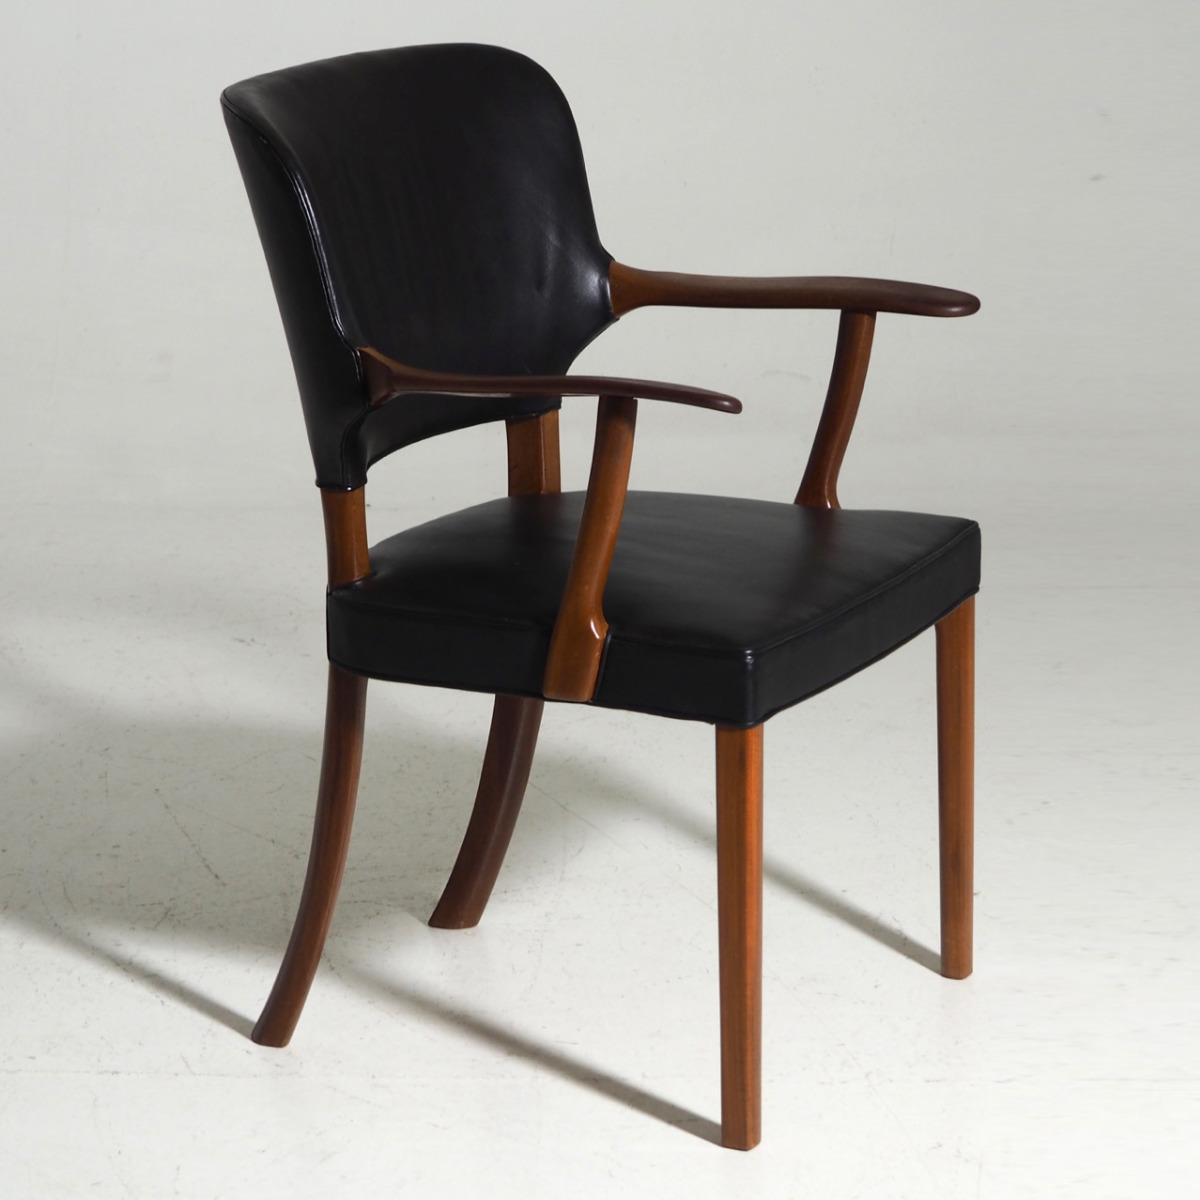 Modern Mid-century design chair.jpg